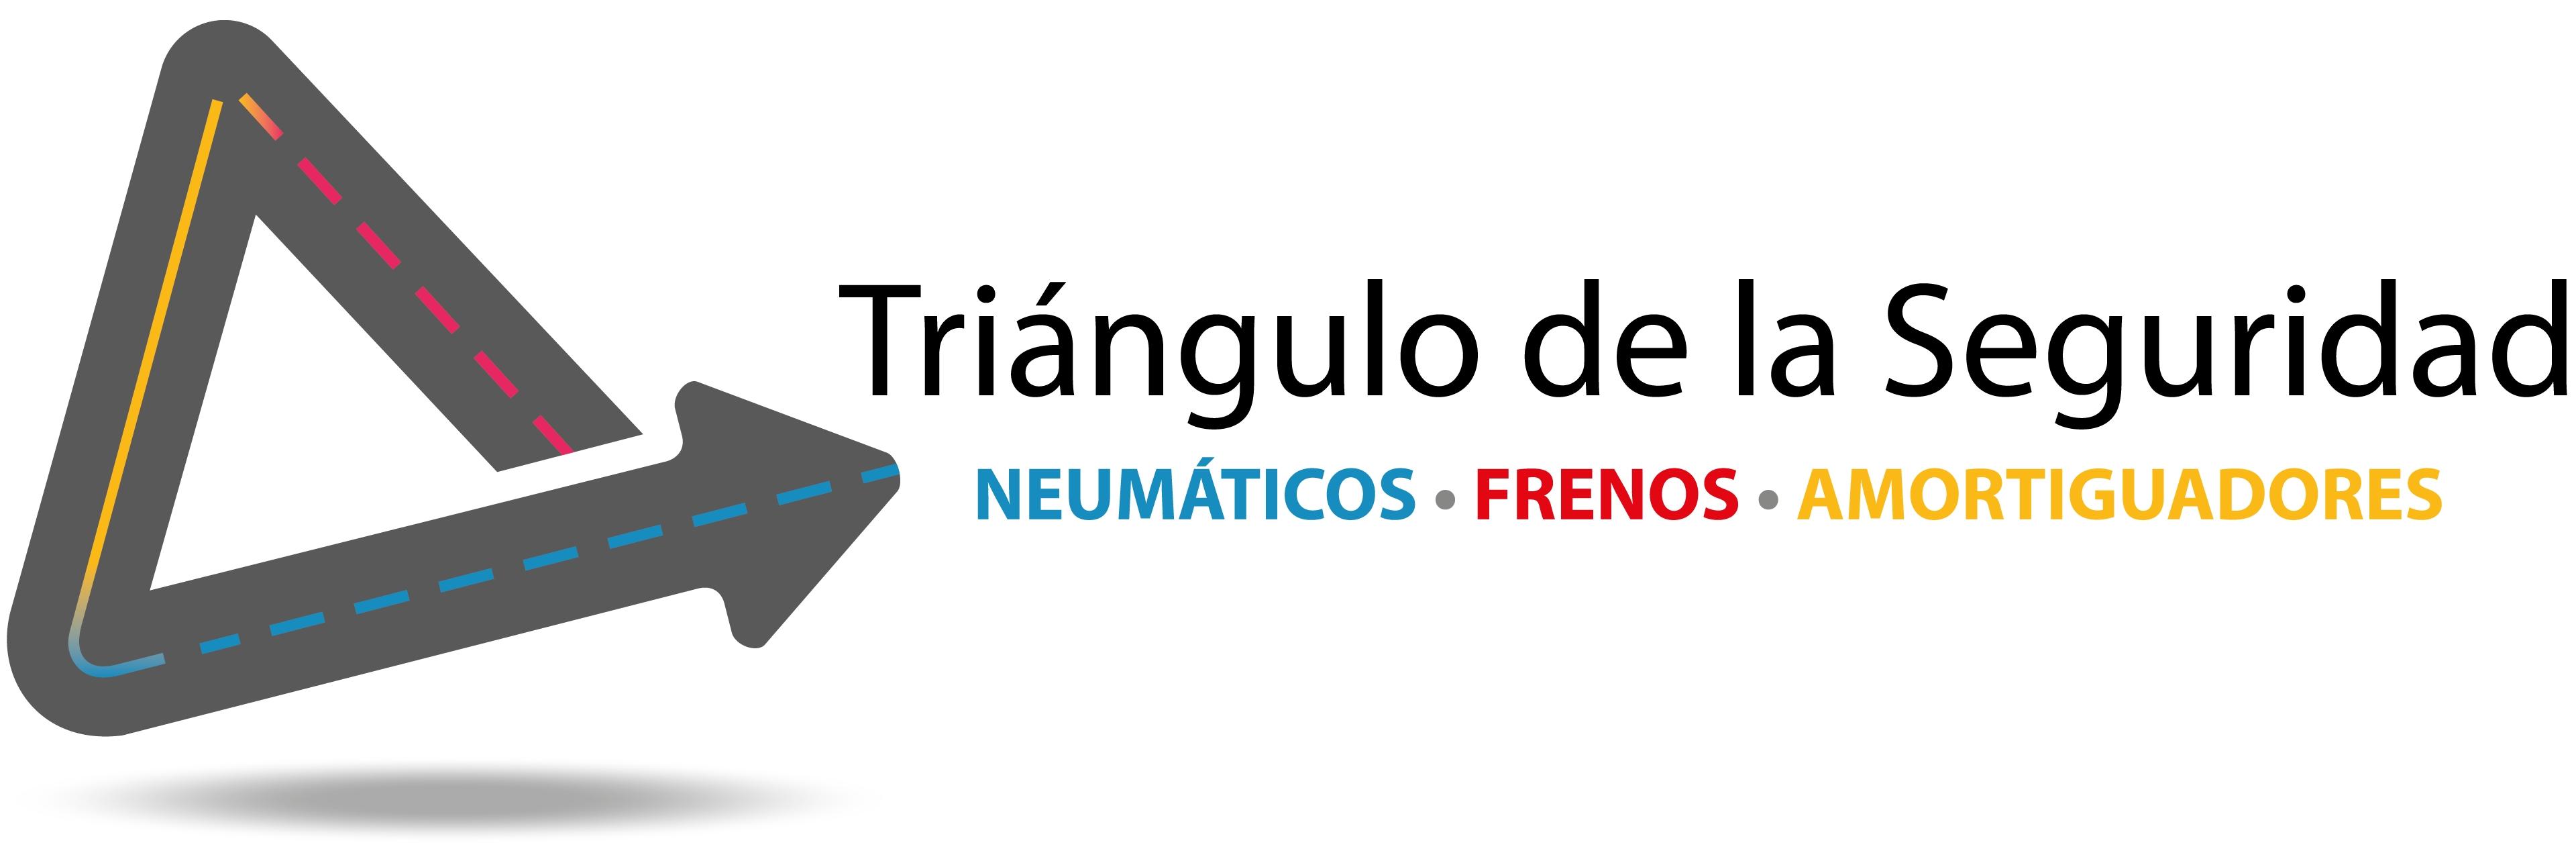 Murcia apoya el Triángulo de la Seguridad